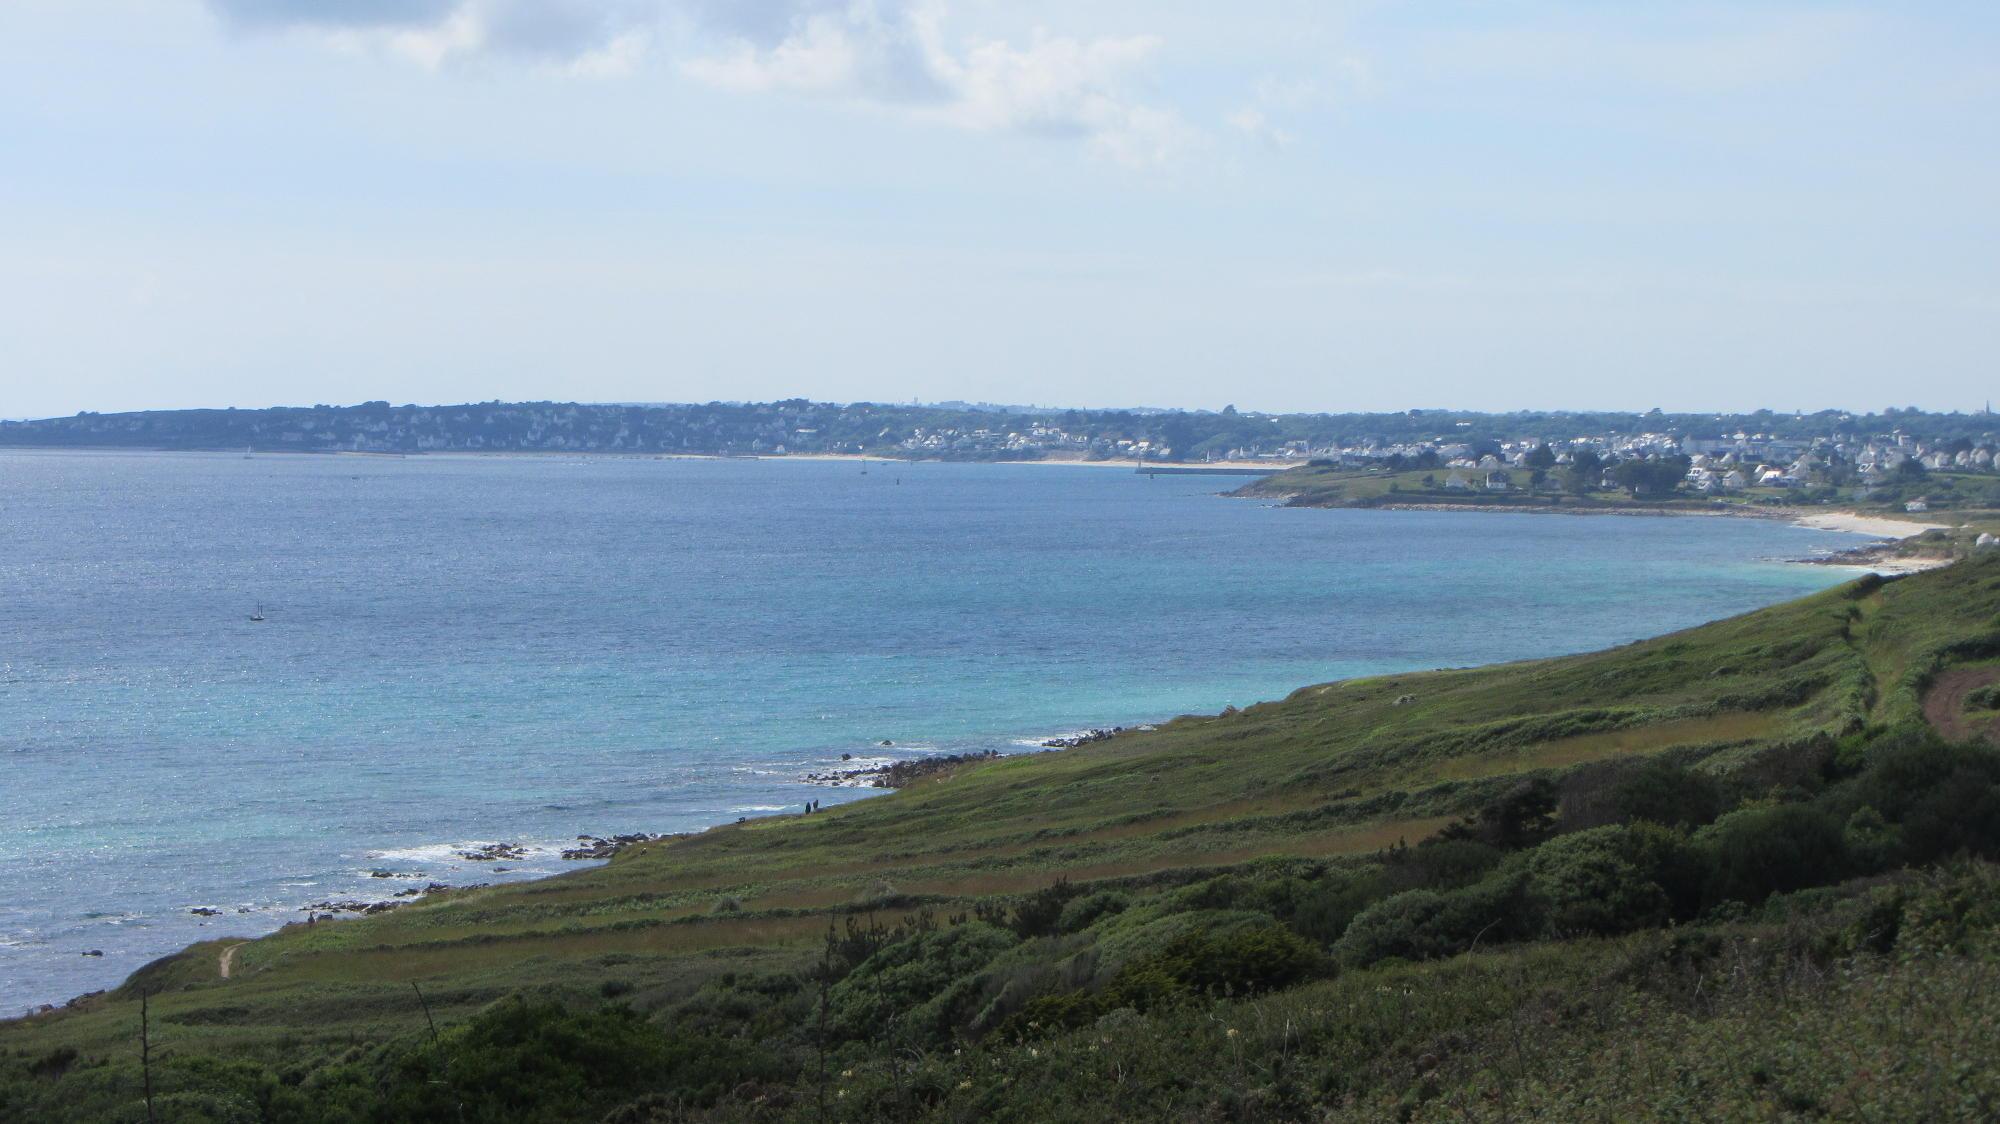 L'océan et la côte de Plouhinec à Audierne